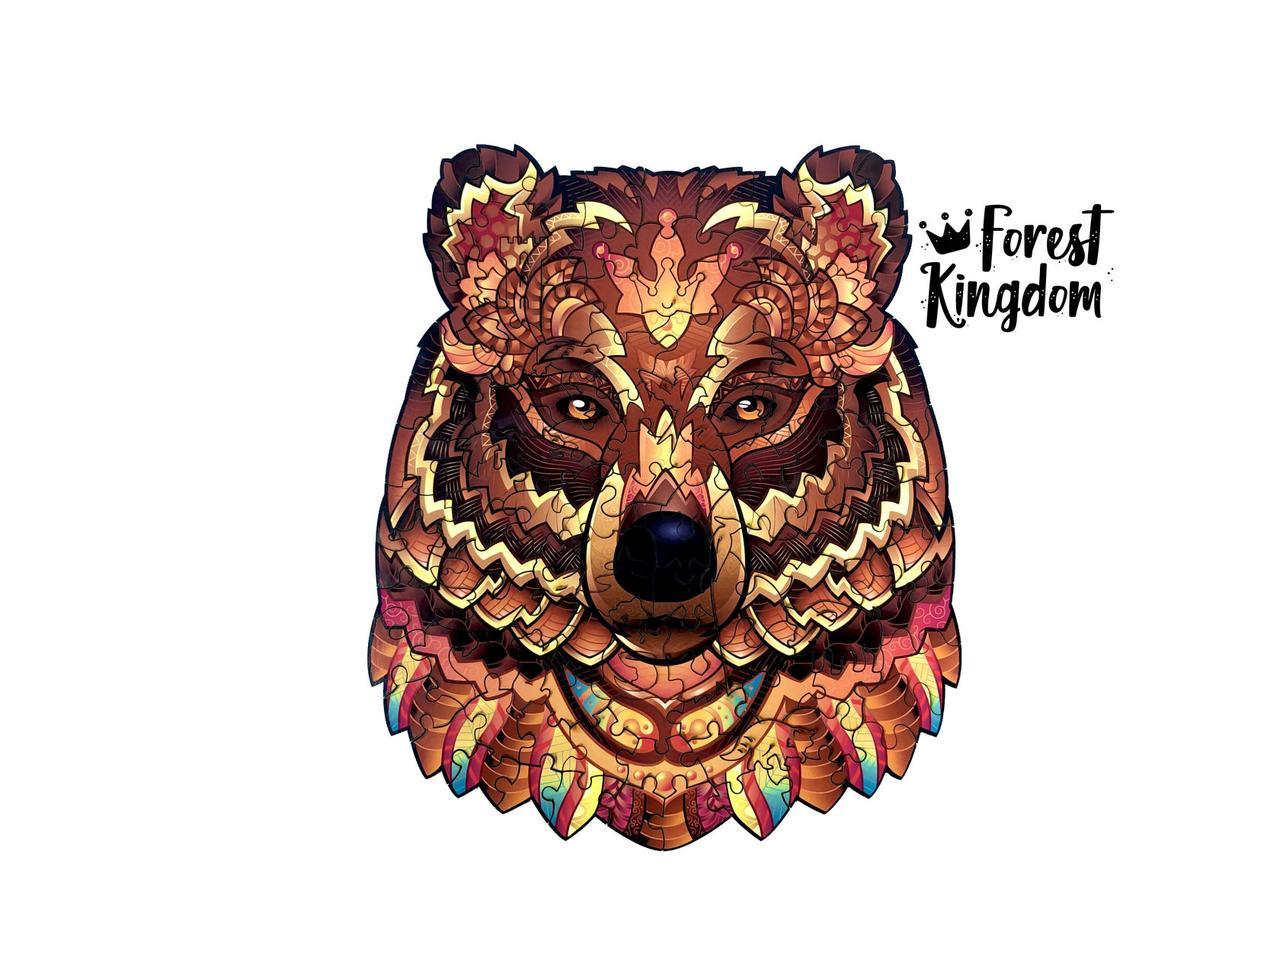 Дерев'яний пазл Потужний Ведмідь. Фігурний пазл Ведмідь в тубусі розмір XL 33 х 28,5 см